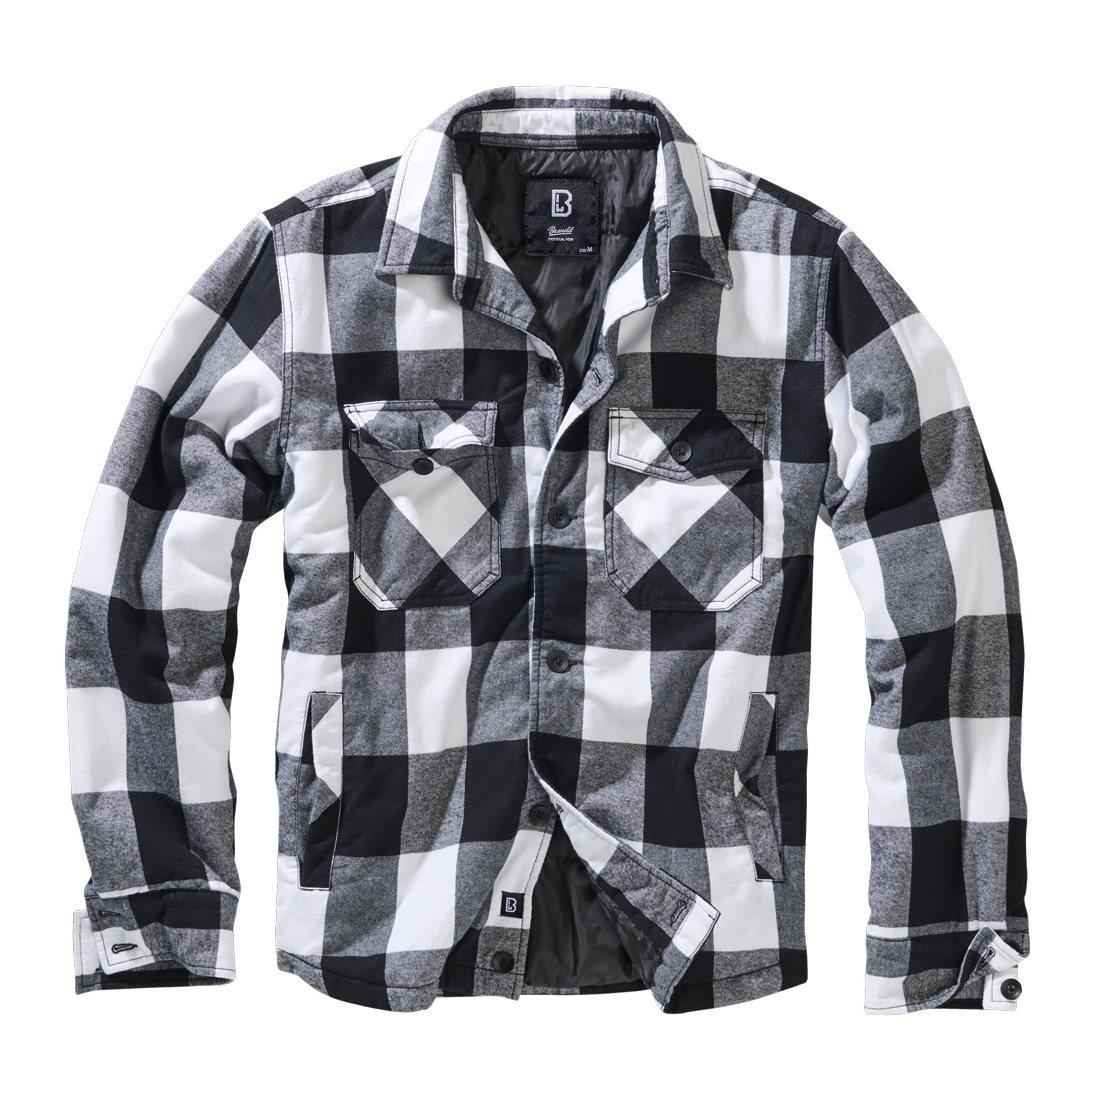 Košile LUMBERJACKET dlouhý rukáv flanel BÍLO/ČERNÁ BRANDIT 9478-46 L-11